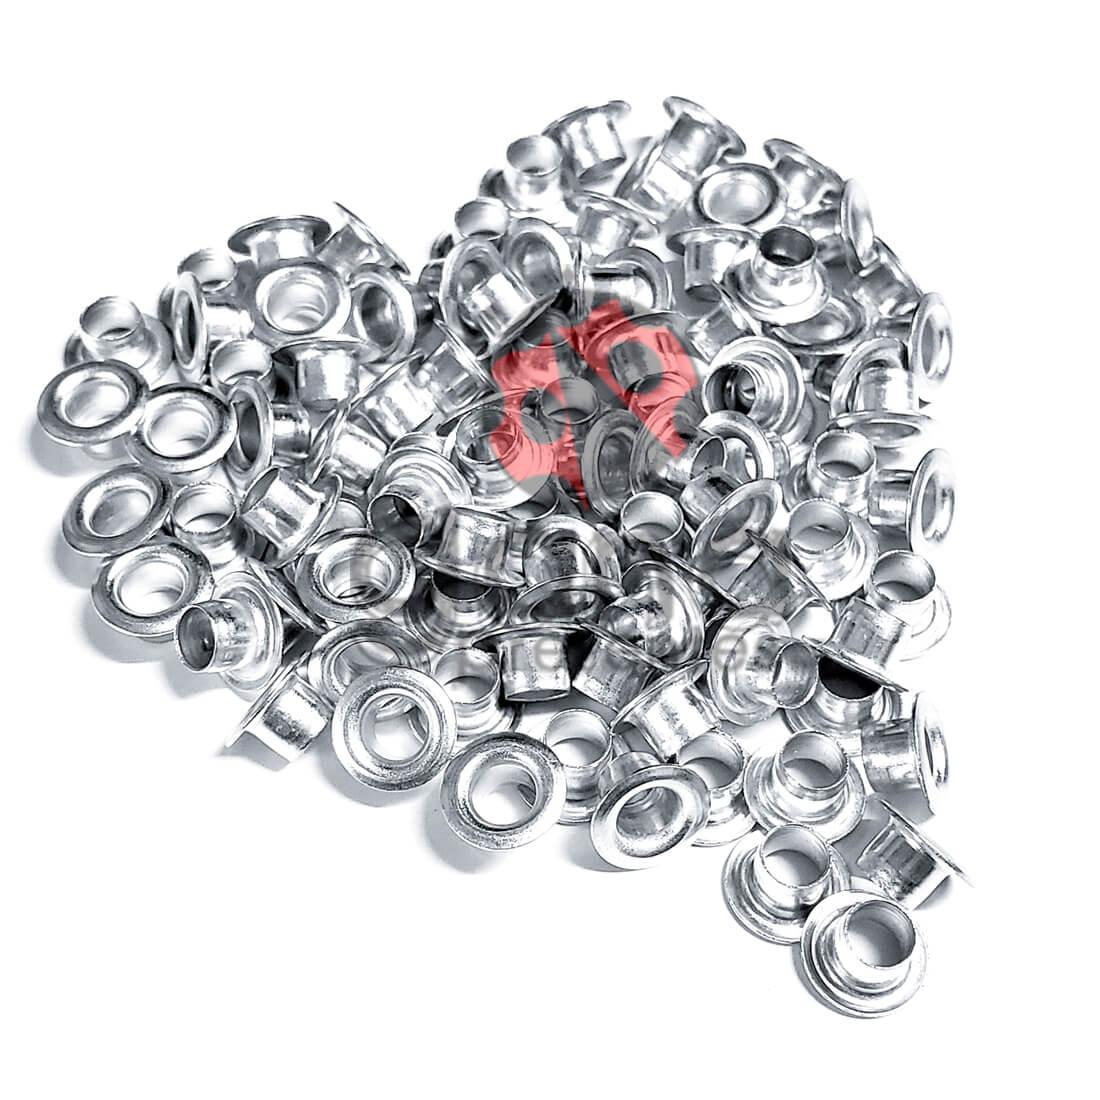 Metais - Ilhós de Alumínio nº54 Polido 4,7mm Diâmetro Interno 1000